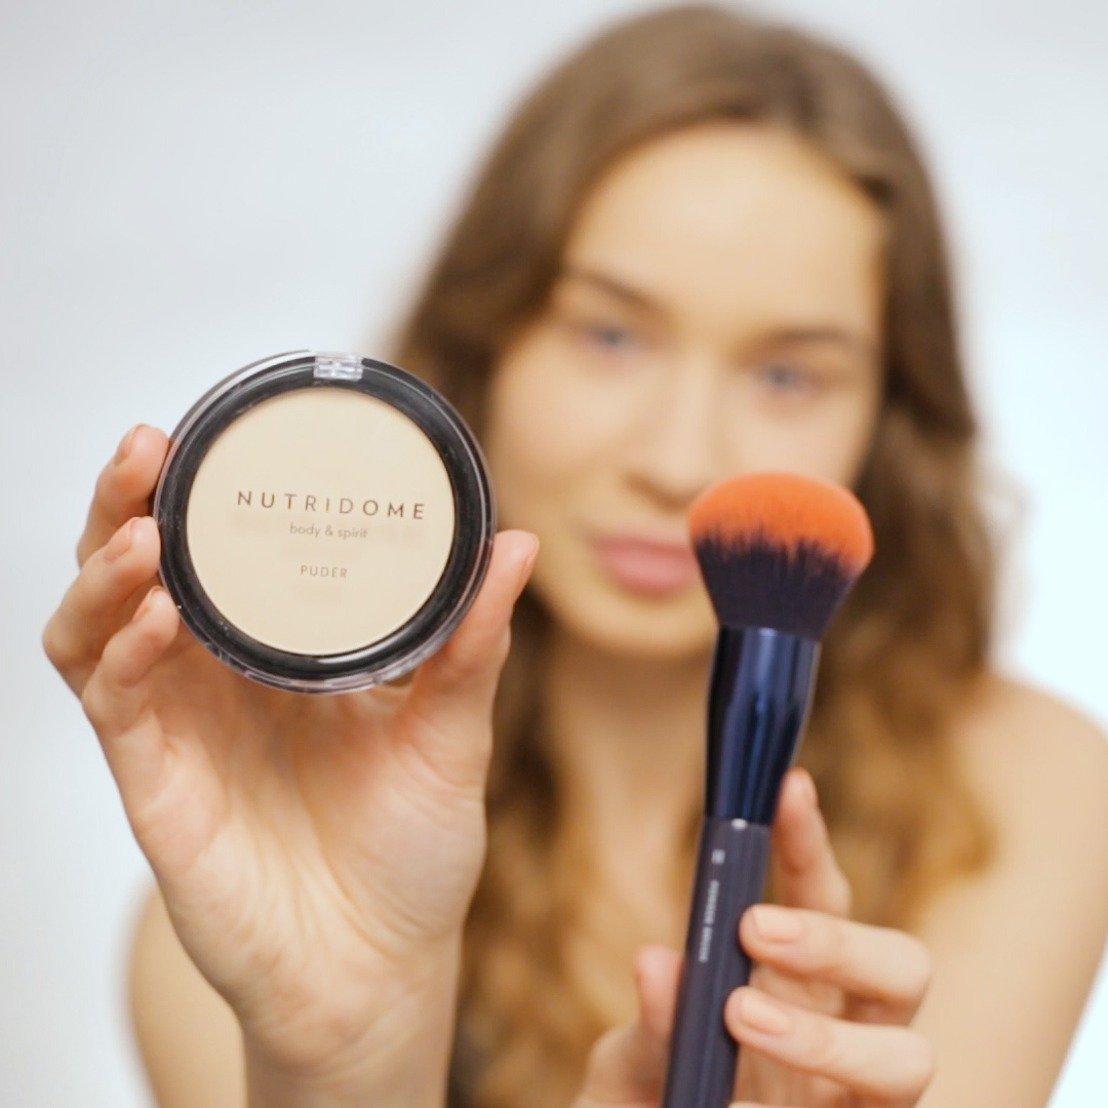 Makijaż codzienny? NUTRIDOME pokazuje jak!